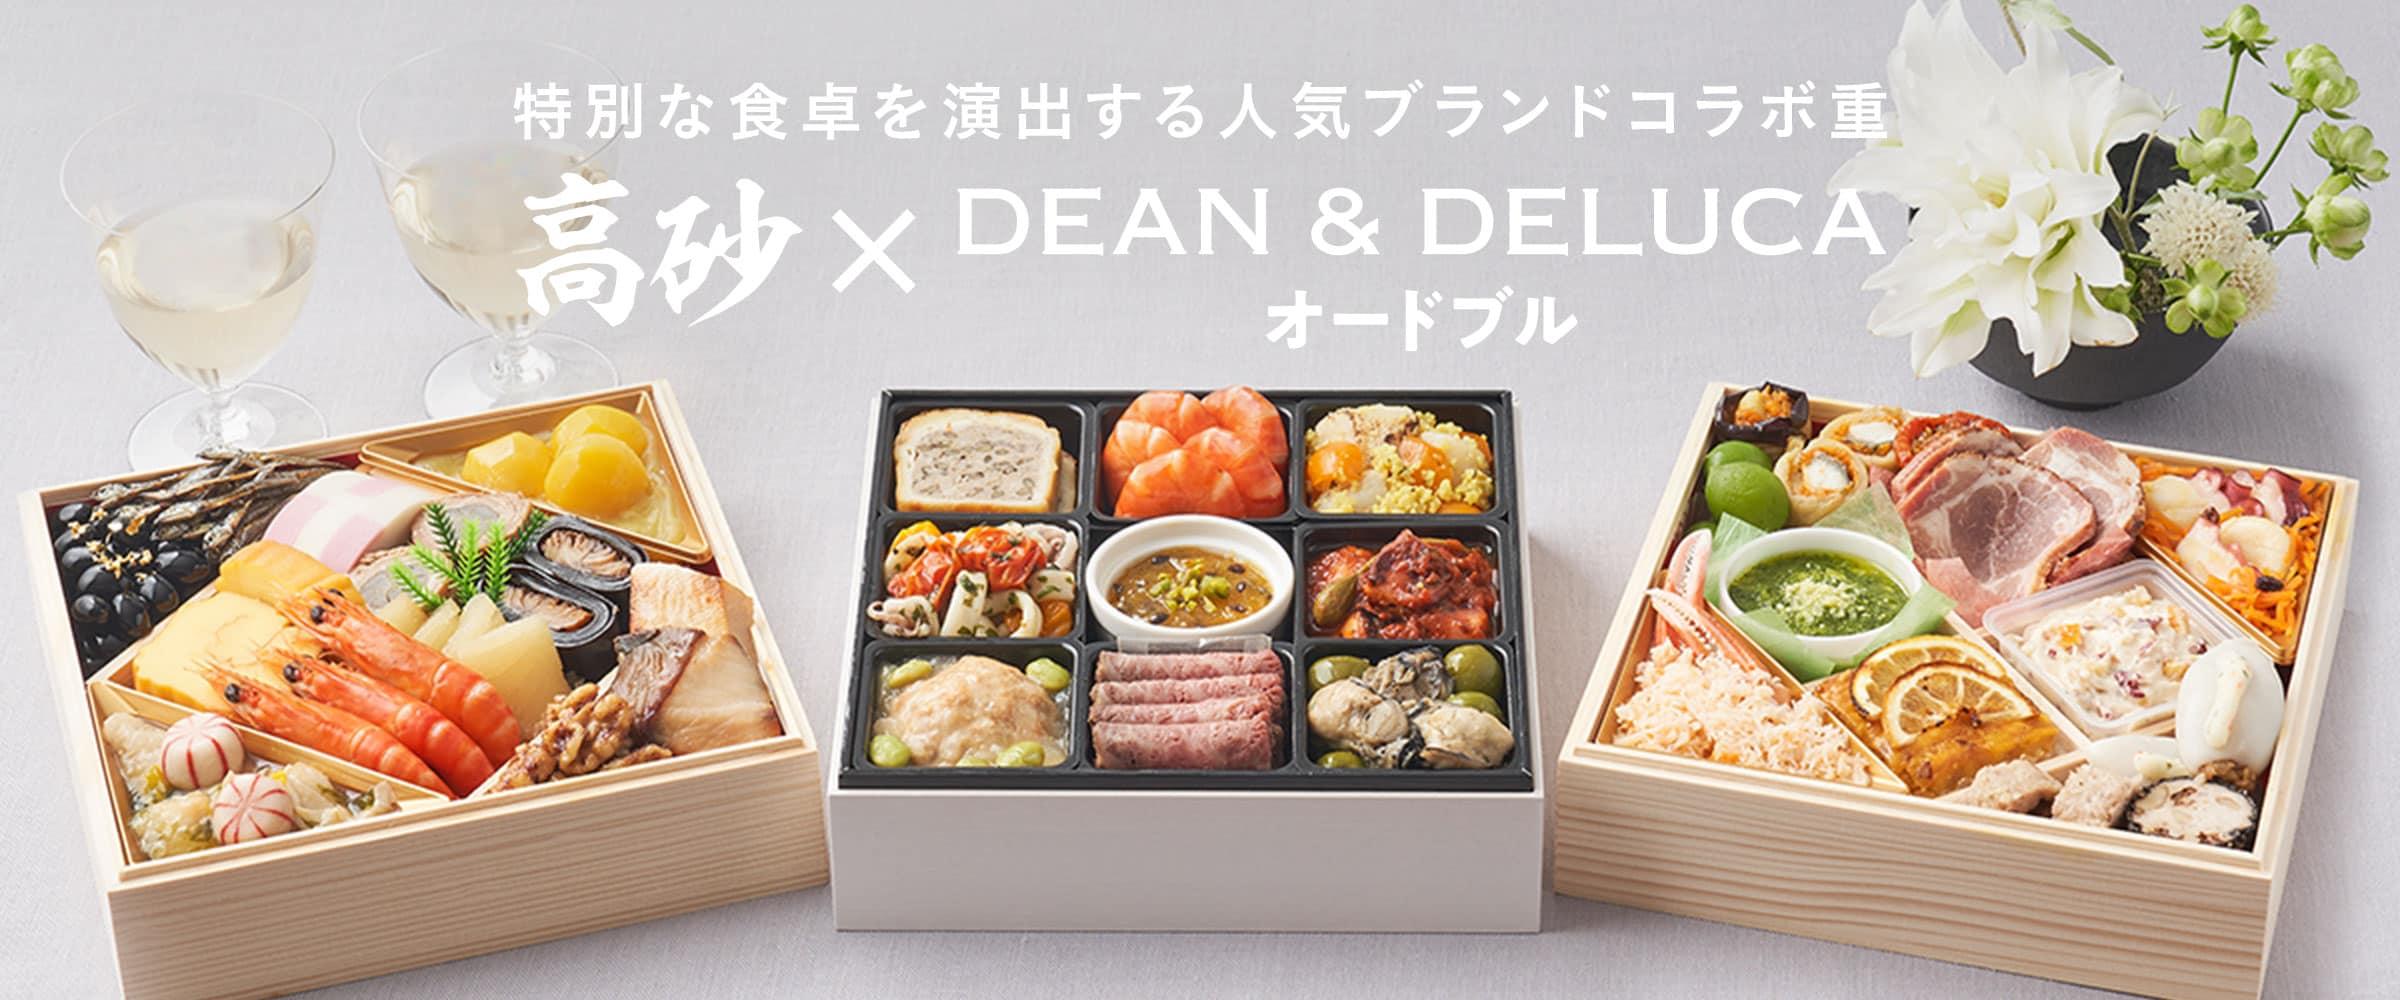 高砂×DEAN & DELUCAオードブル:特別な食卓を演出する人気ブランドコラボ重